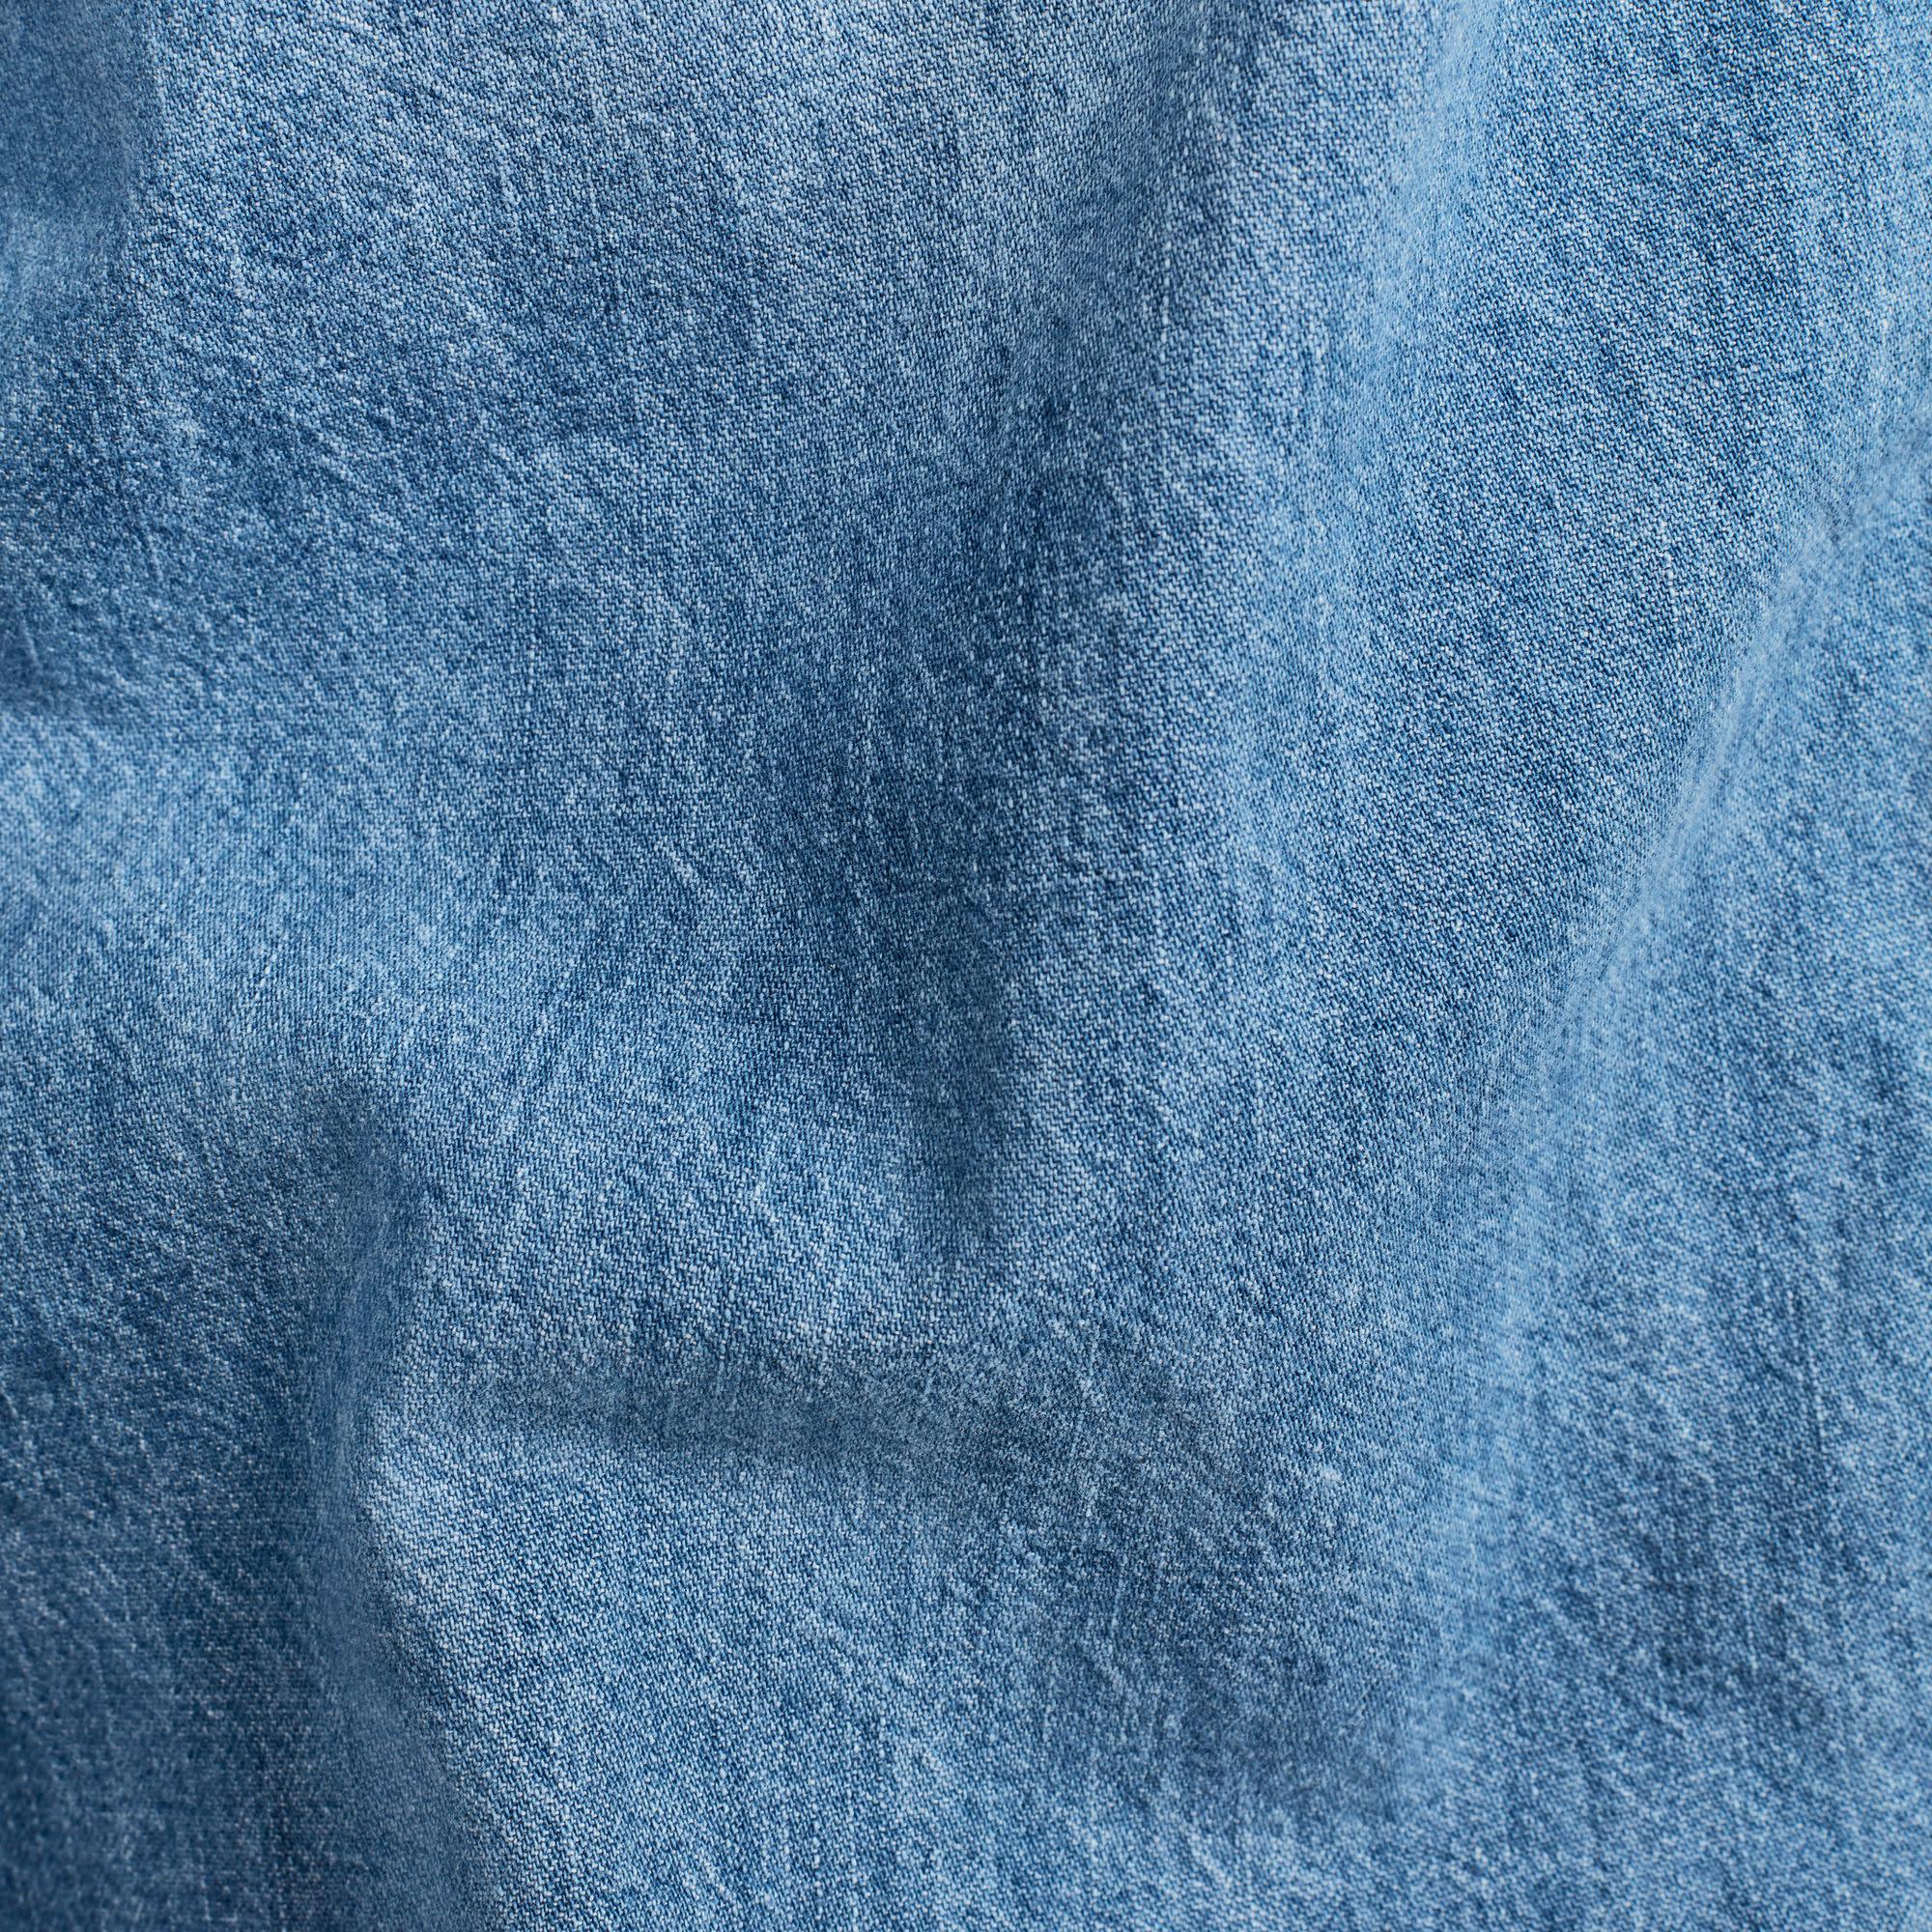 G-Star G-star 3301 Denim Slim Shirt D013-071 Medium Aged